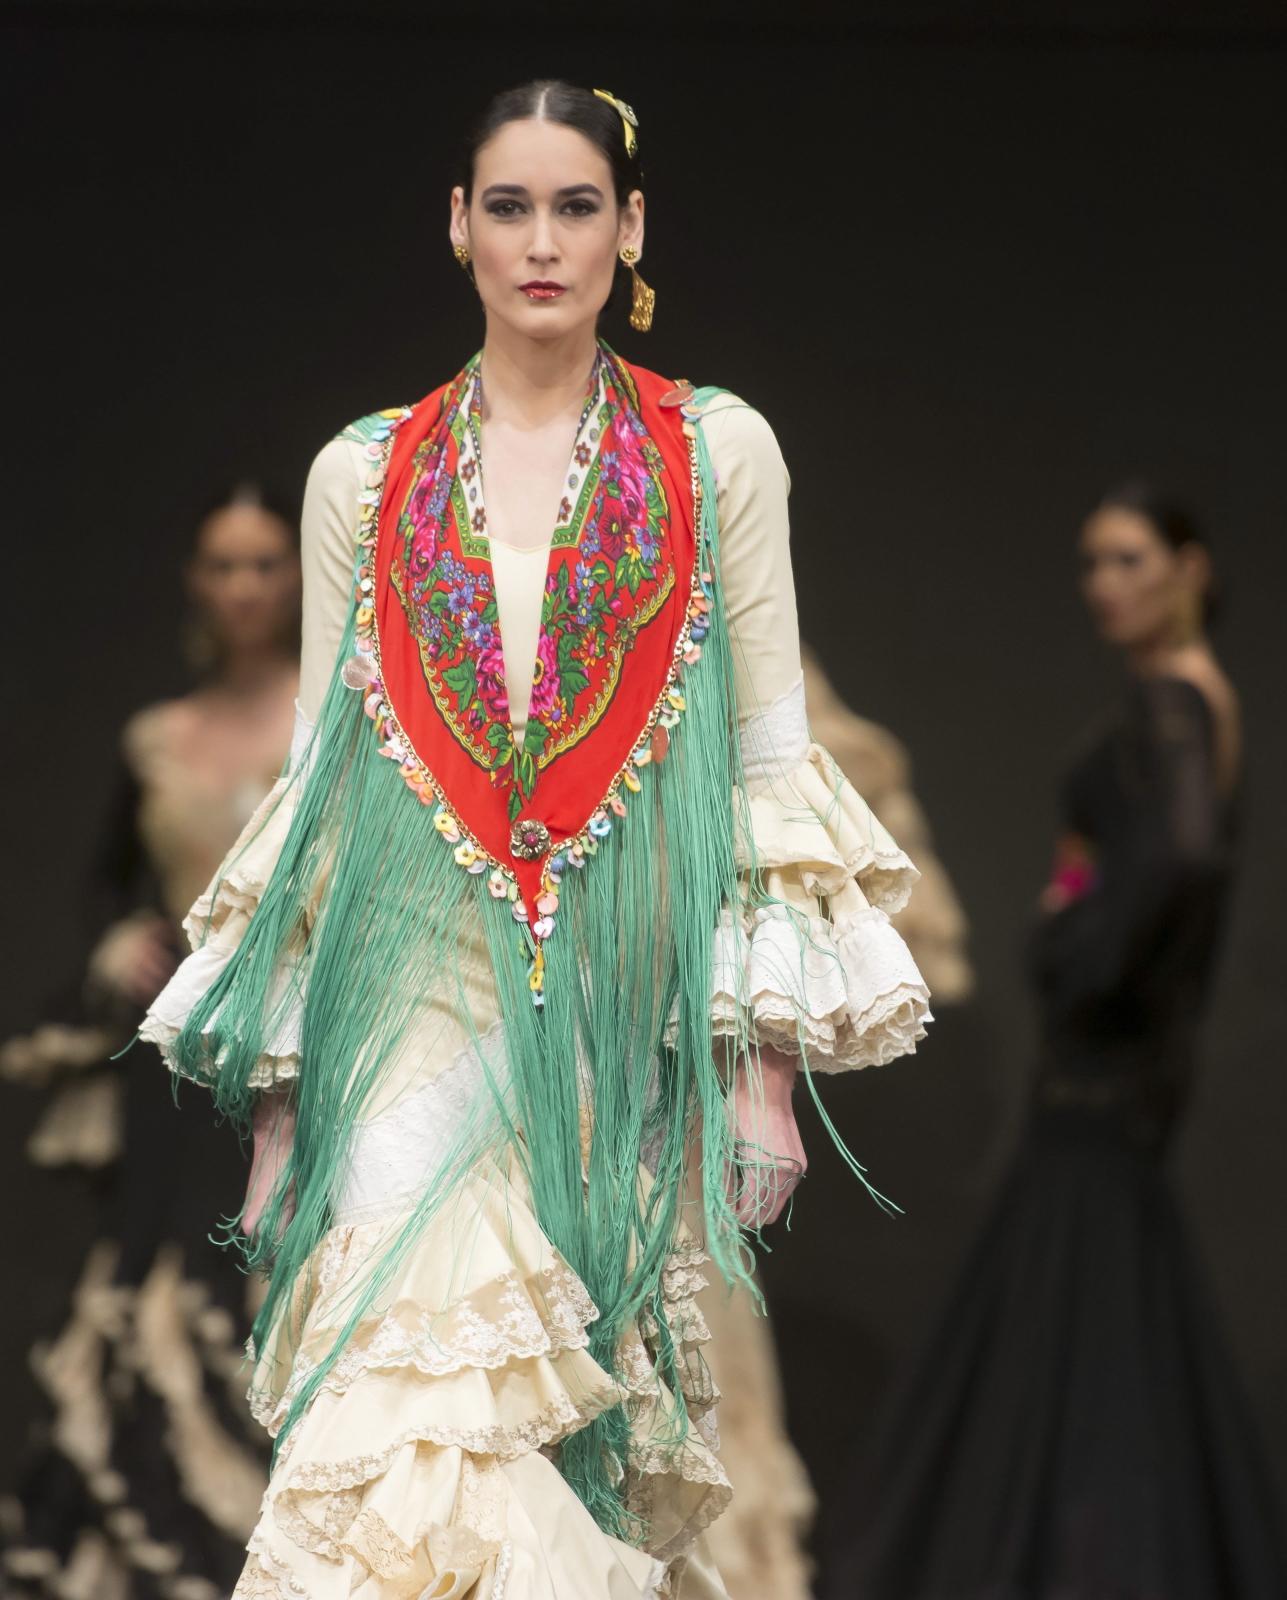 Hiszpania: pokaz mody flamenco. Fot. PAP/EPA/RAUL CARO